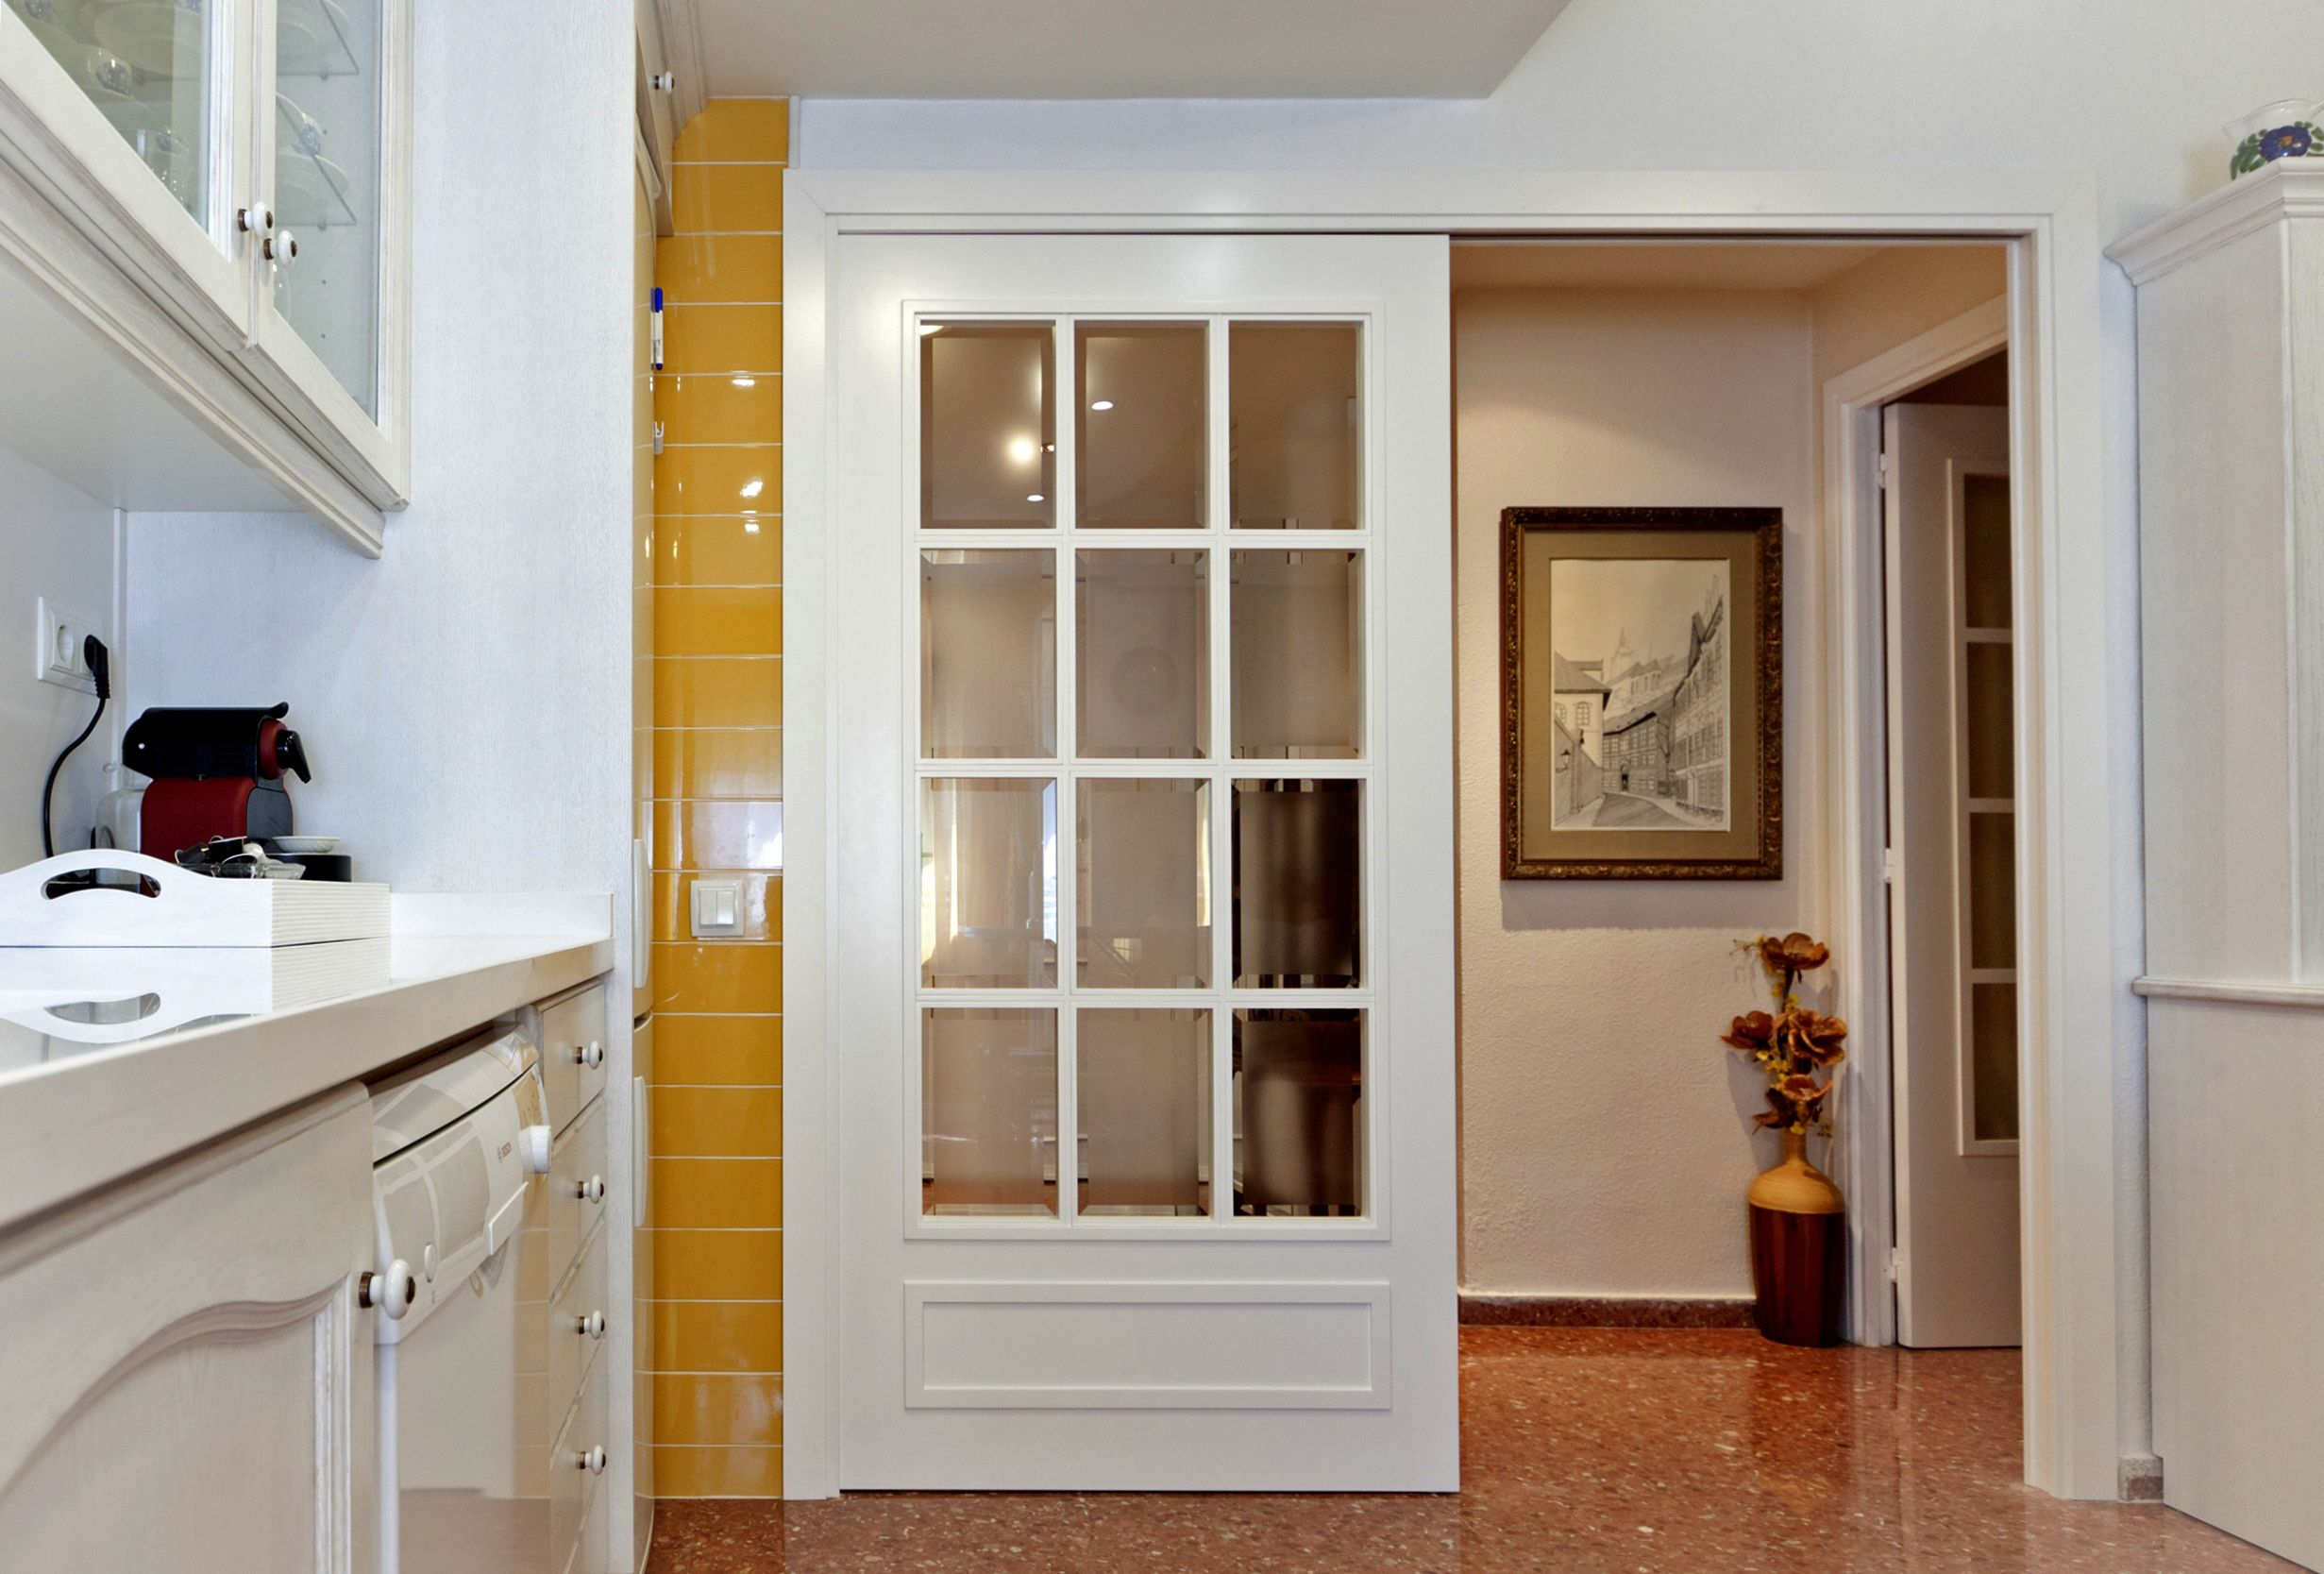 Puerta corredera blanca en concepto separador de ambientes - Convertir puerta en corredera ...